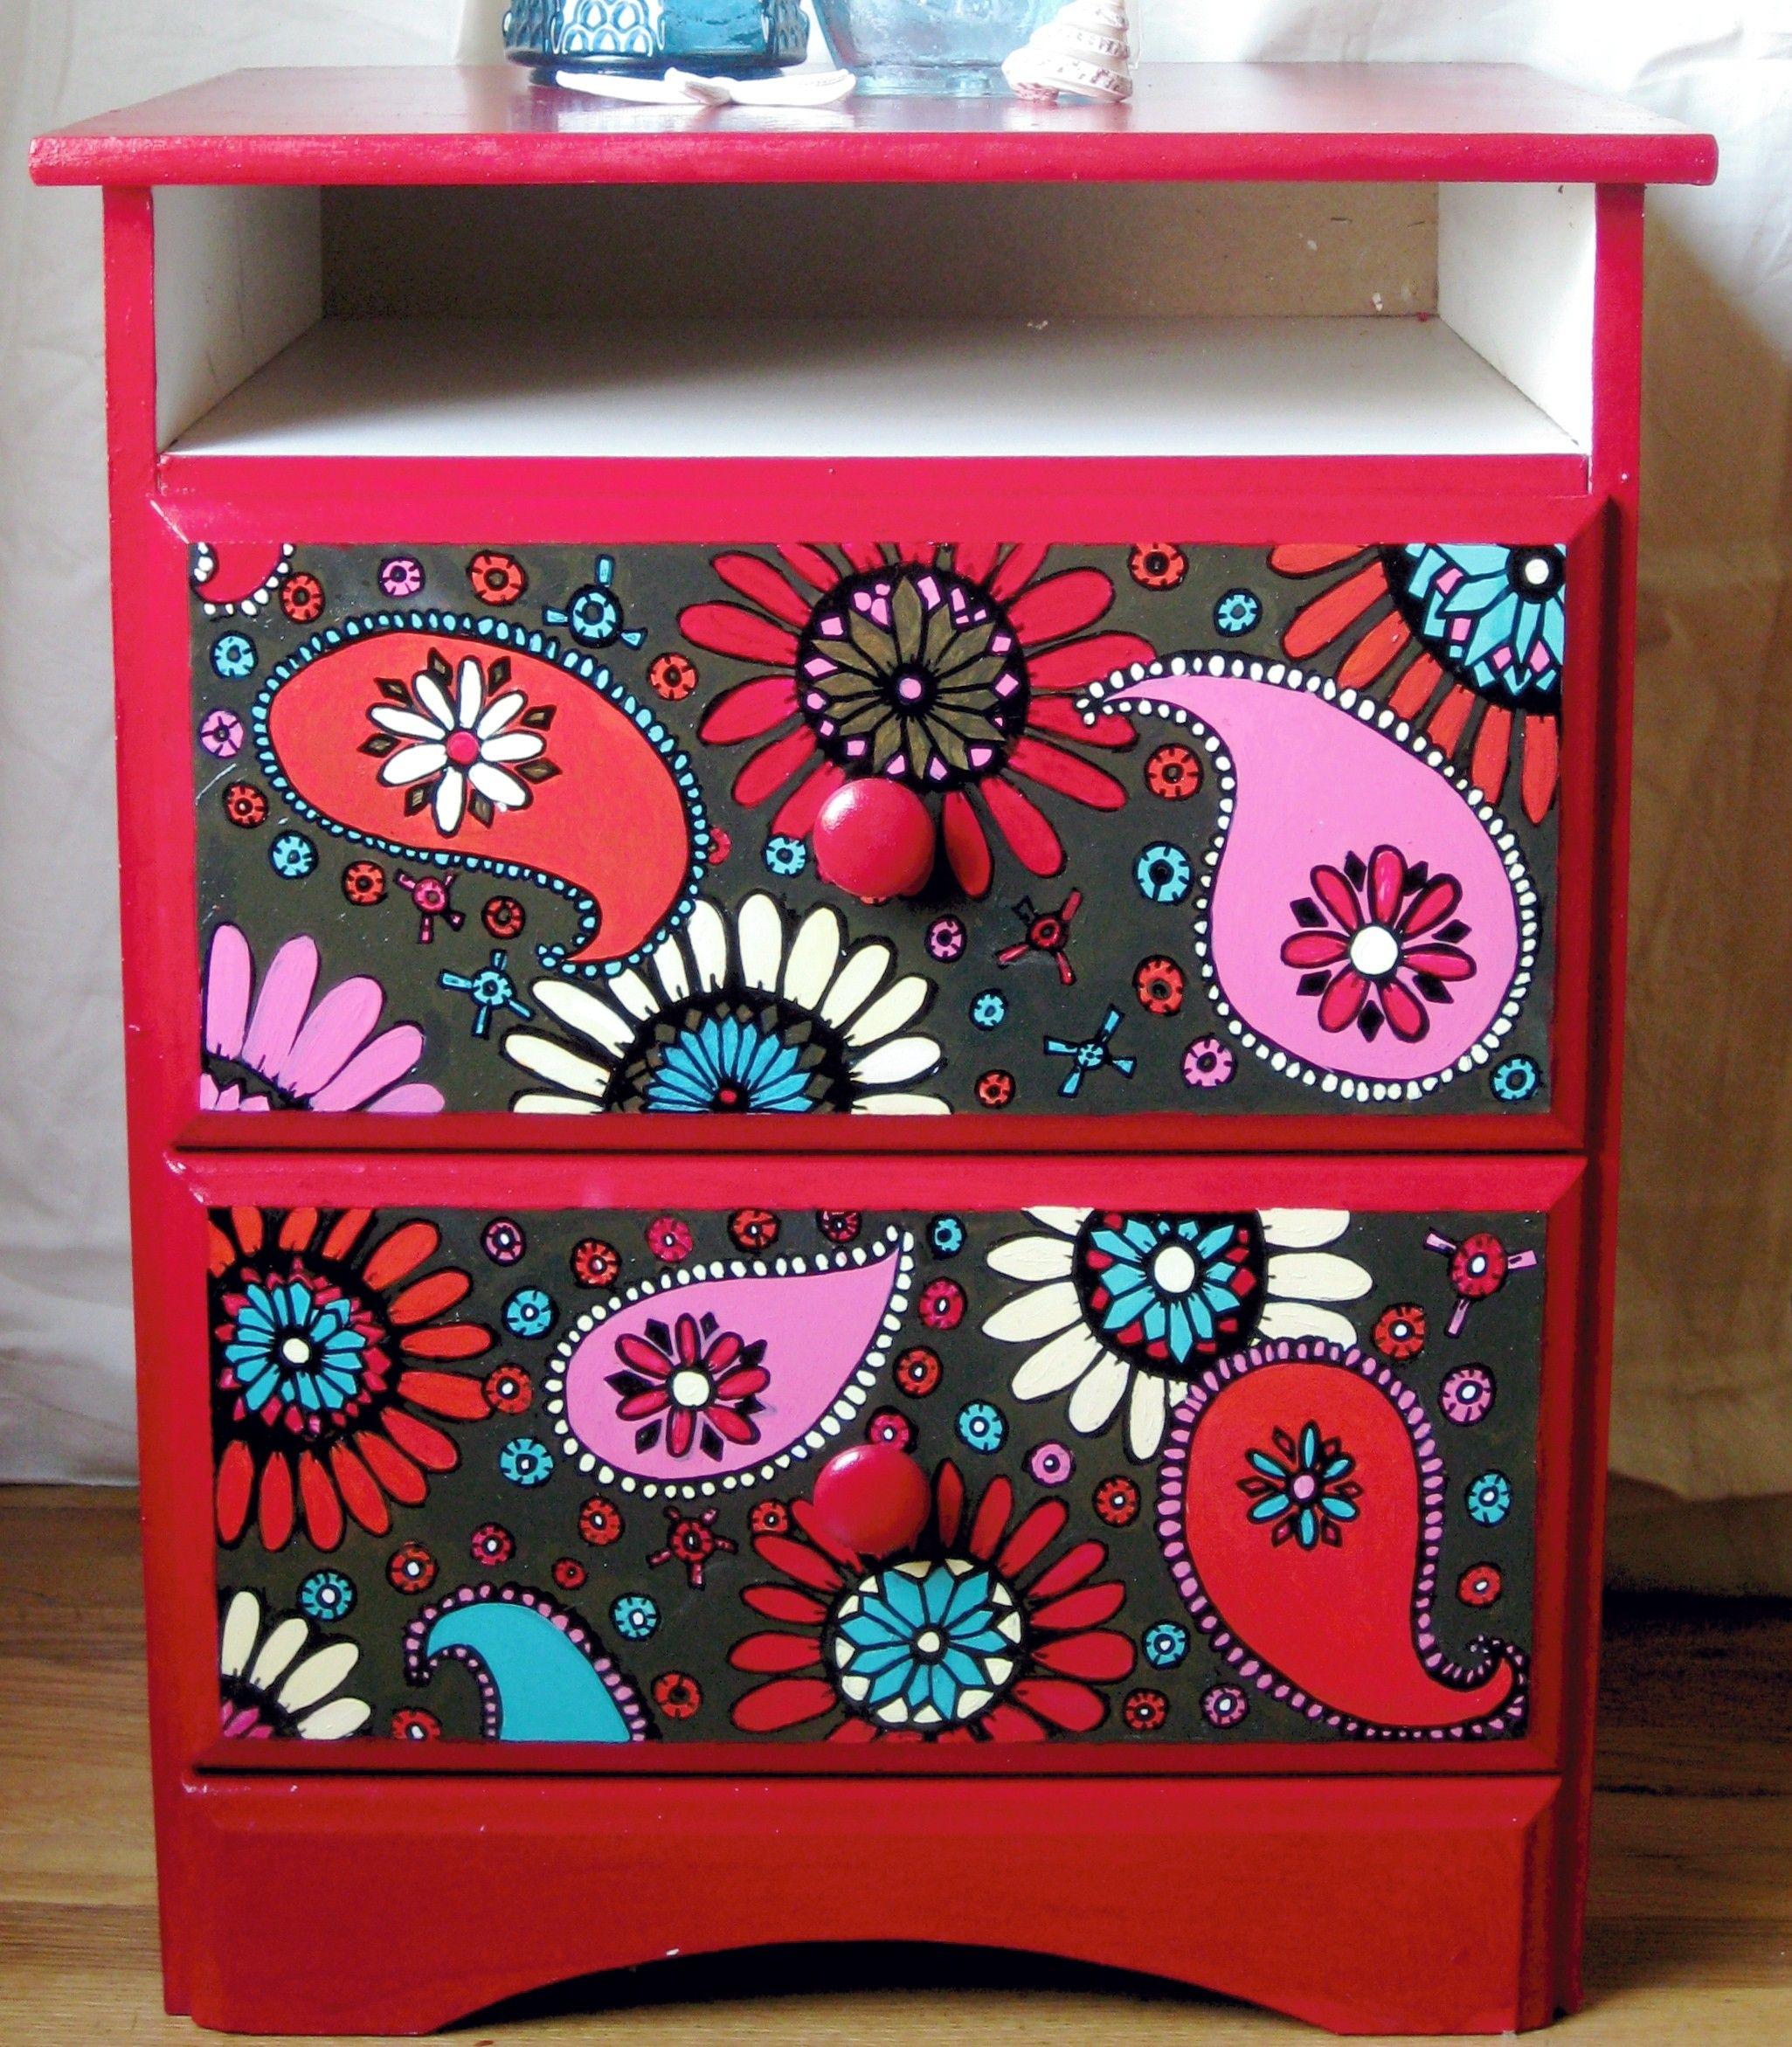 Cabinet carpinteria decoracion de muebles muebles - Muebles decorados a mano ...